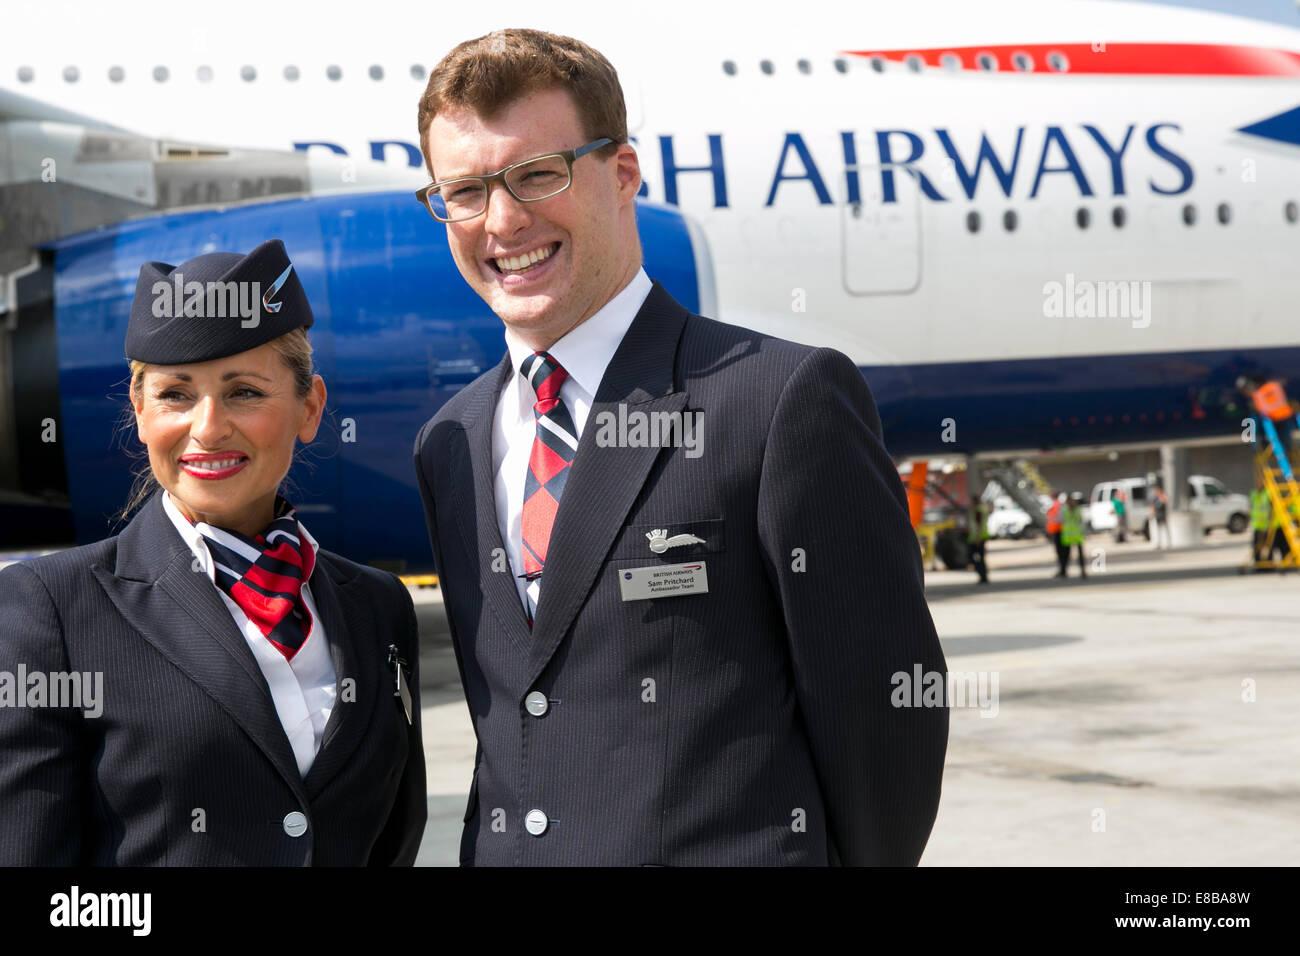 British Airways Stewardess Stock Photos & British Airways